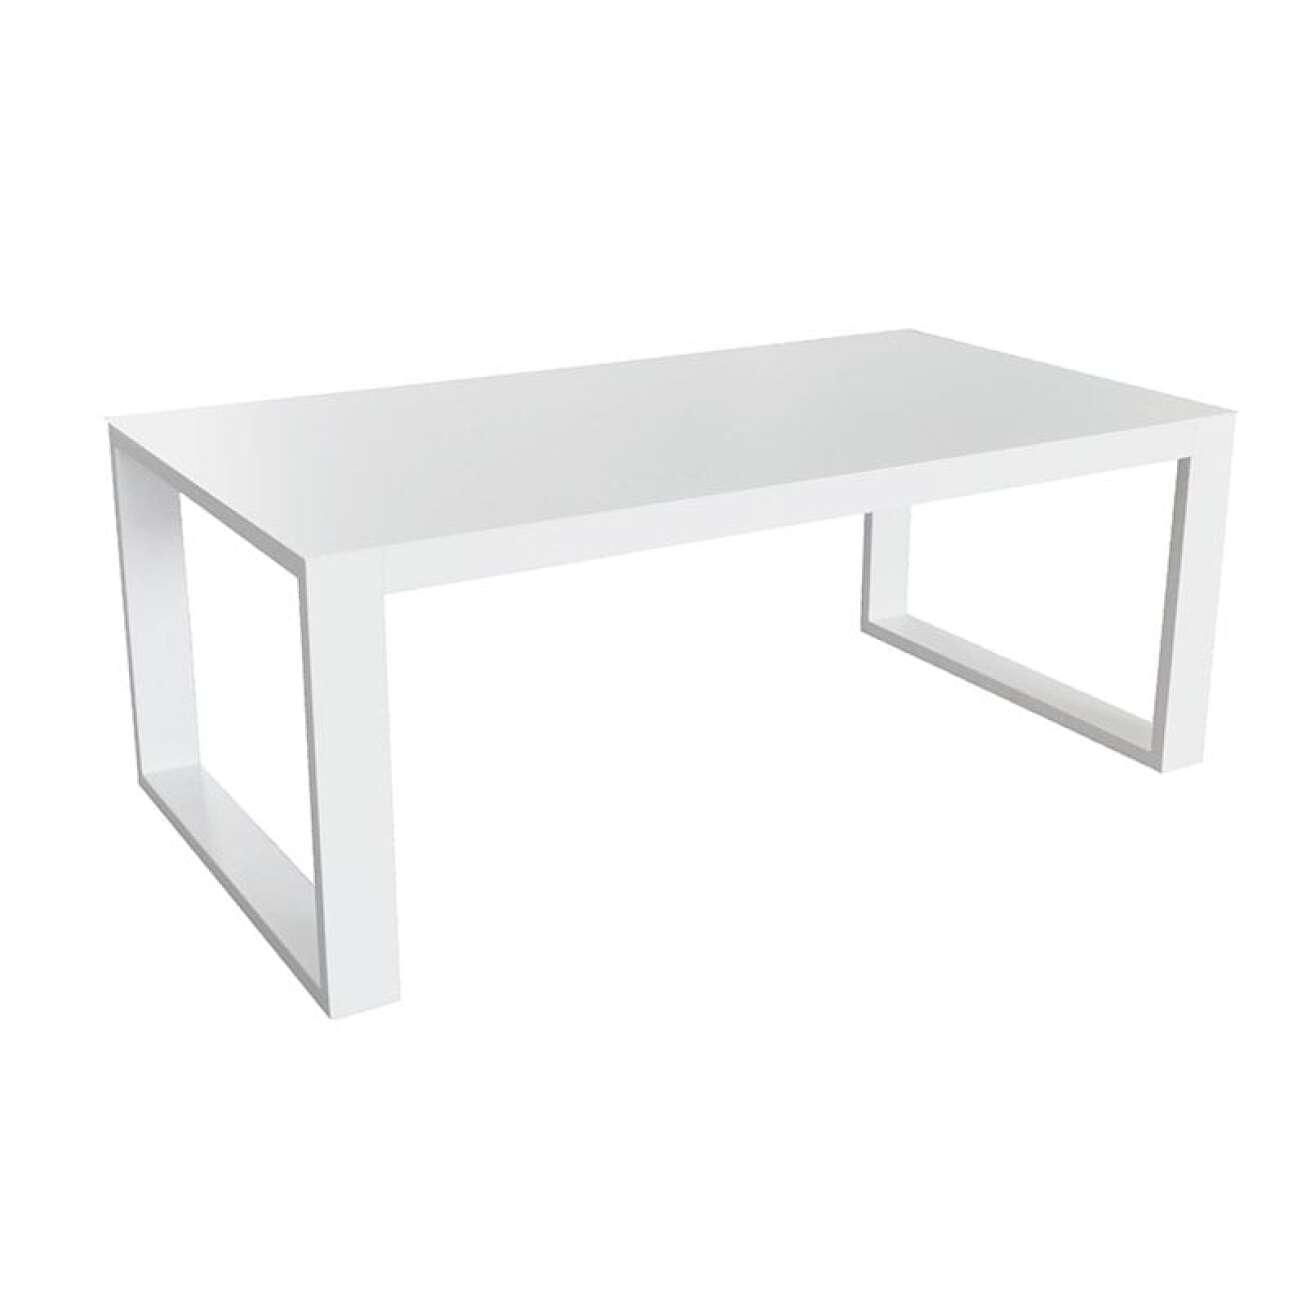 Gardenart Sofaspisebord Hvit Aluminium (100553hvit) Hagemøbler og utemøbler - Fine design